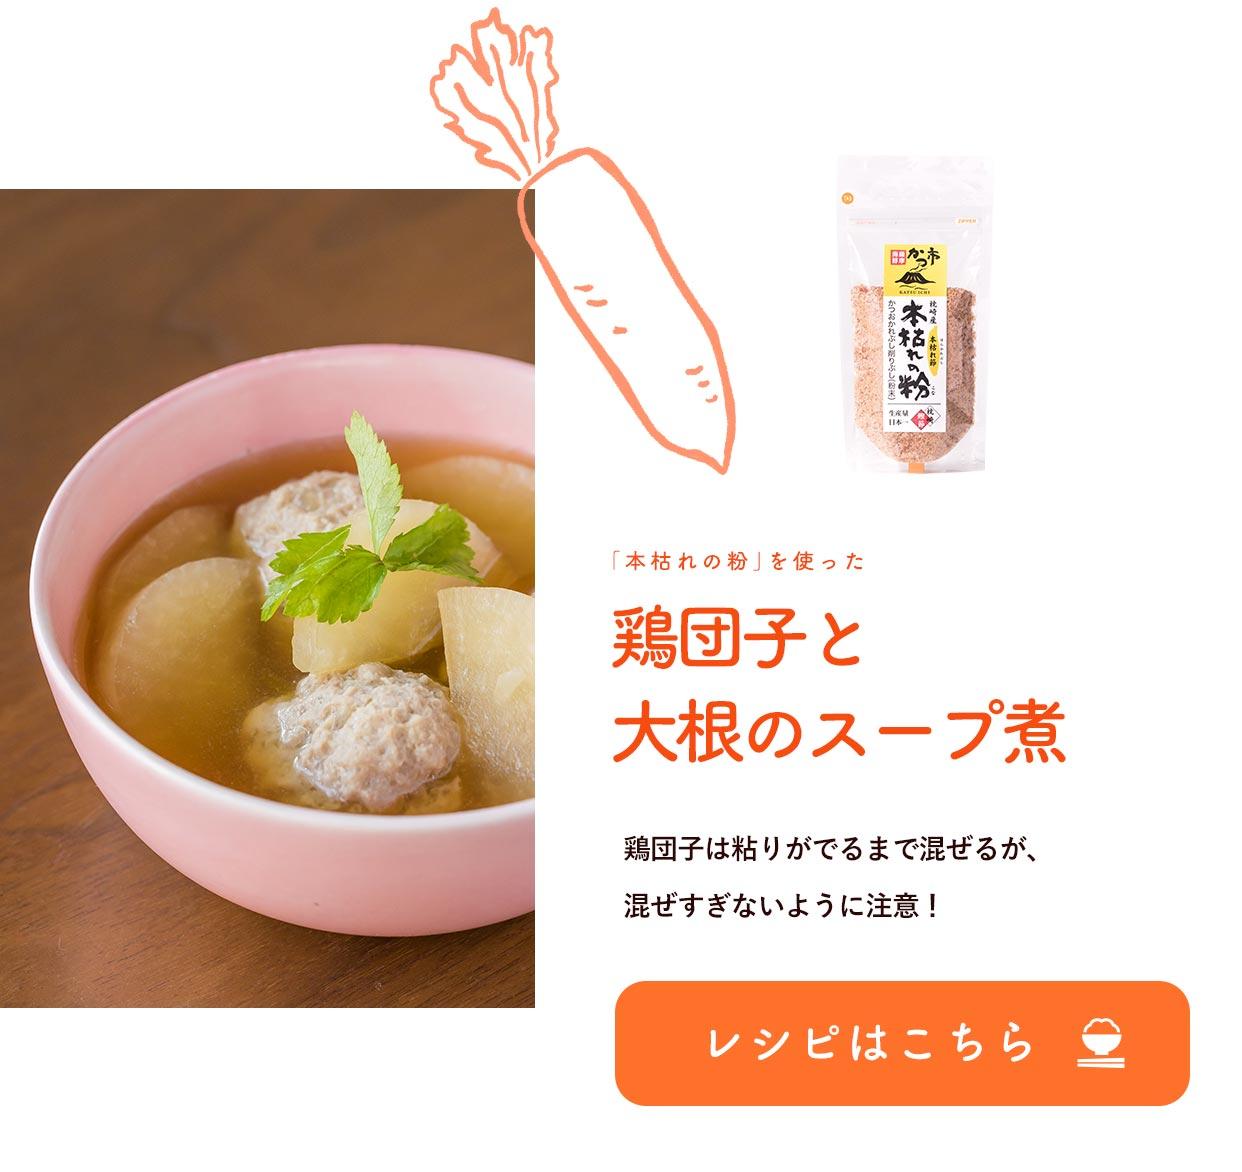 鶏団子と大根のスープ煮のレシピ